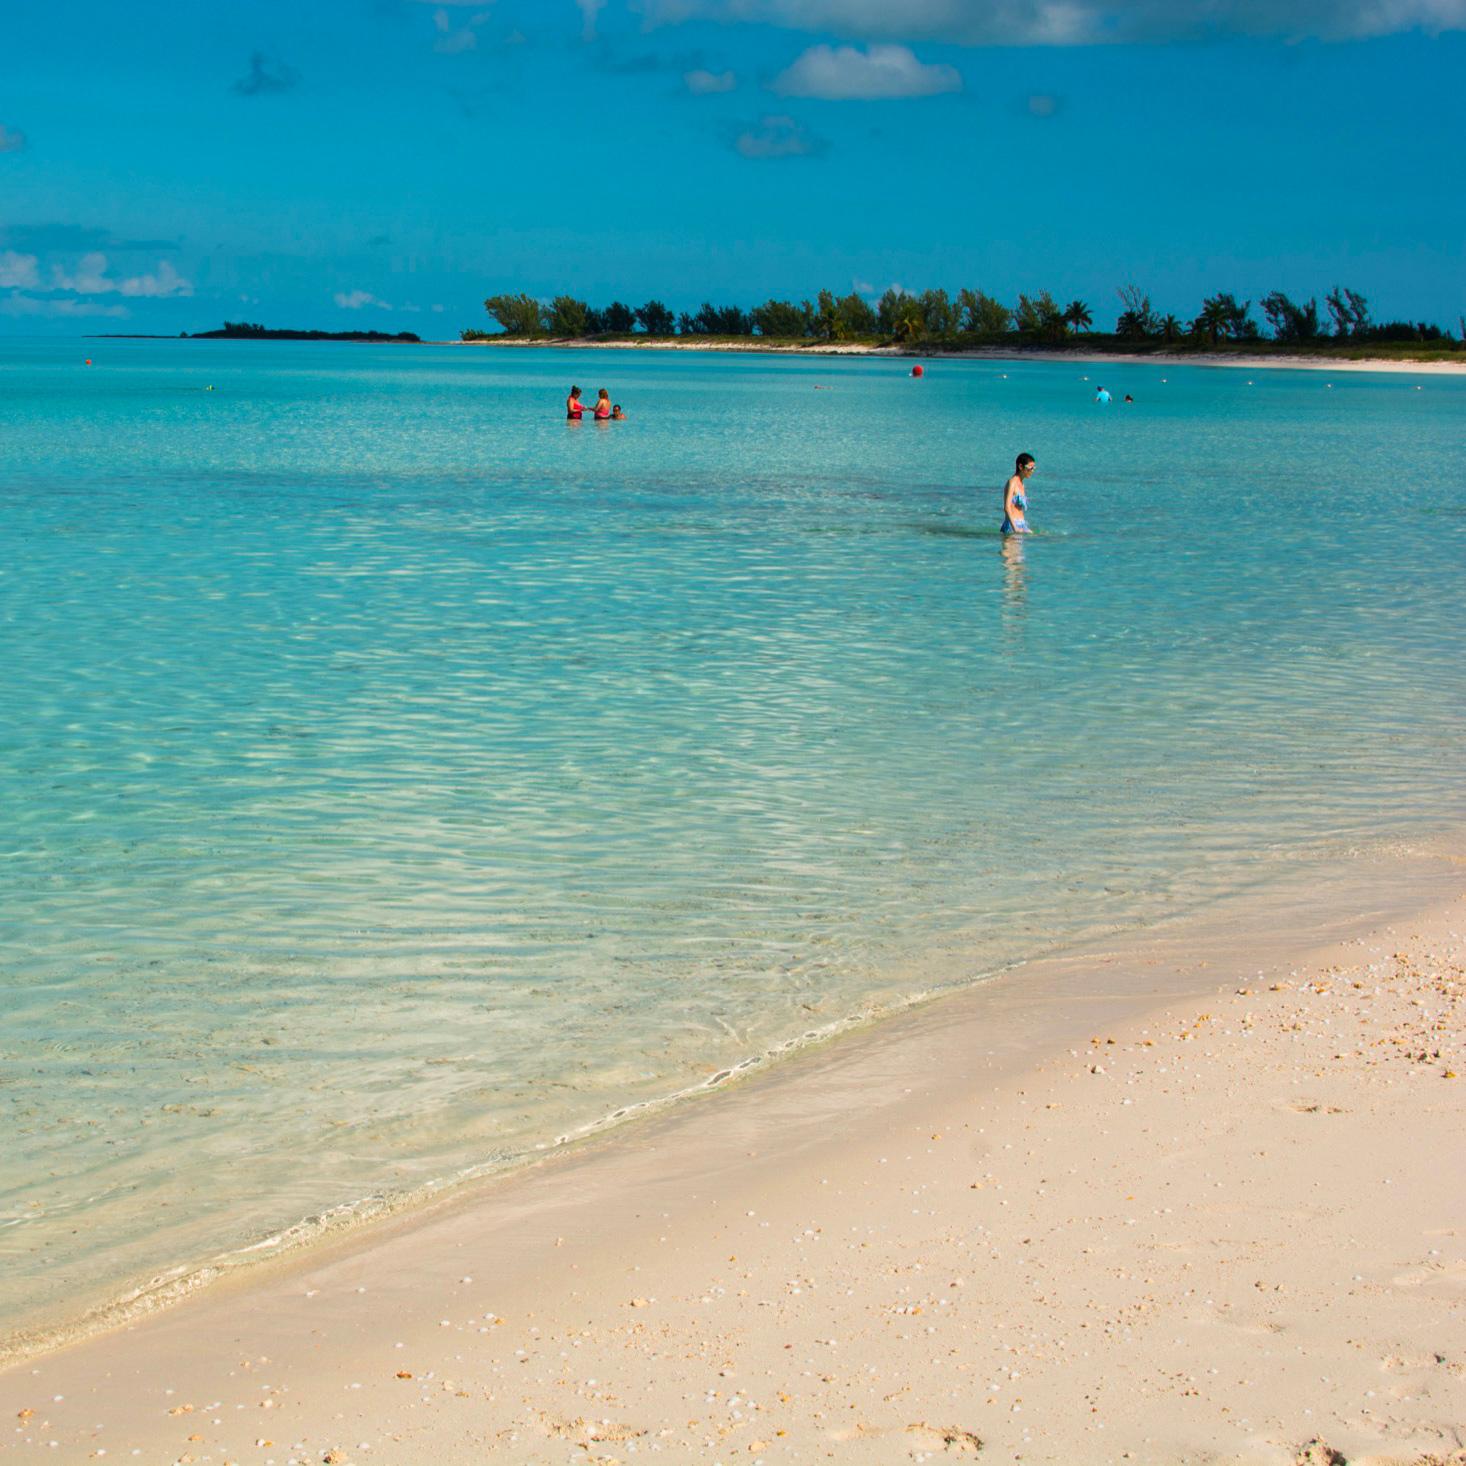 [Floride] Jour 10 : Un petit bout de paradis sur Terre - Partie 1 19